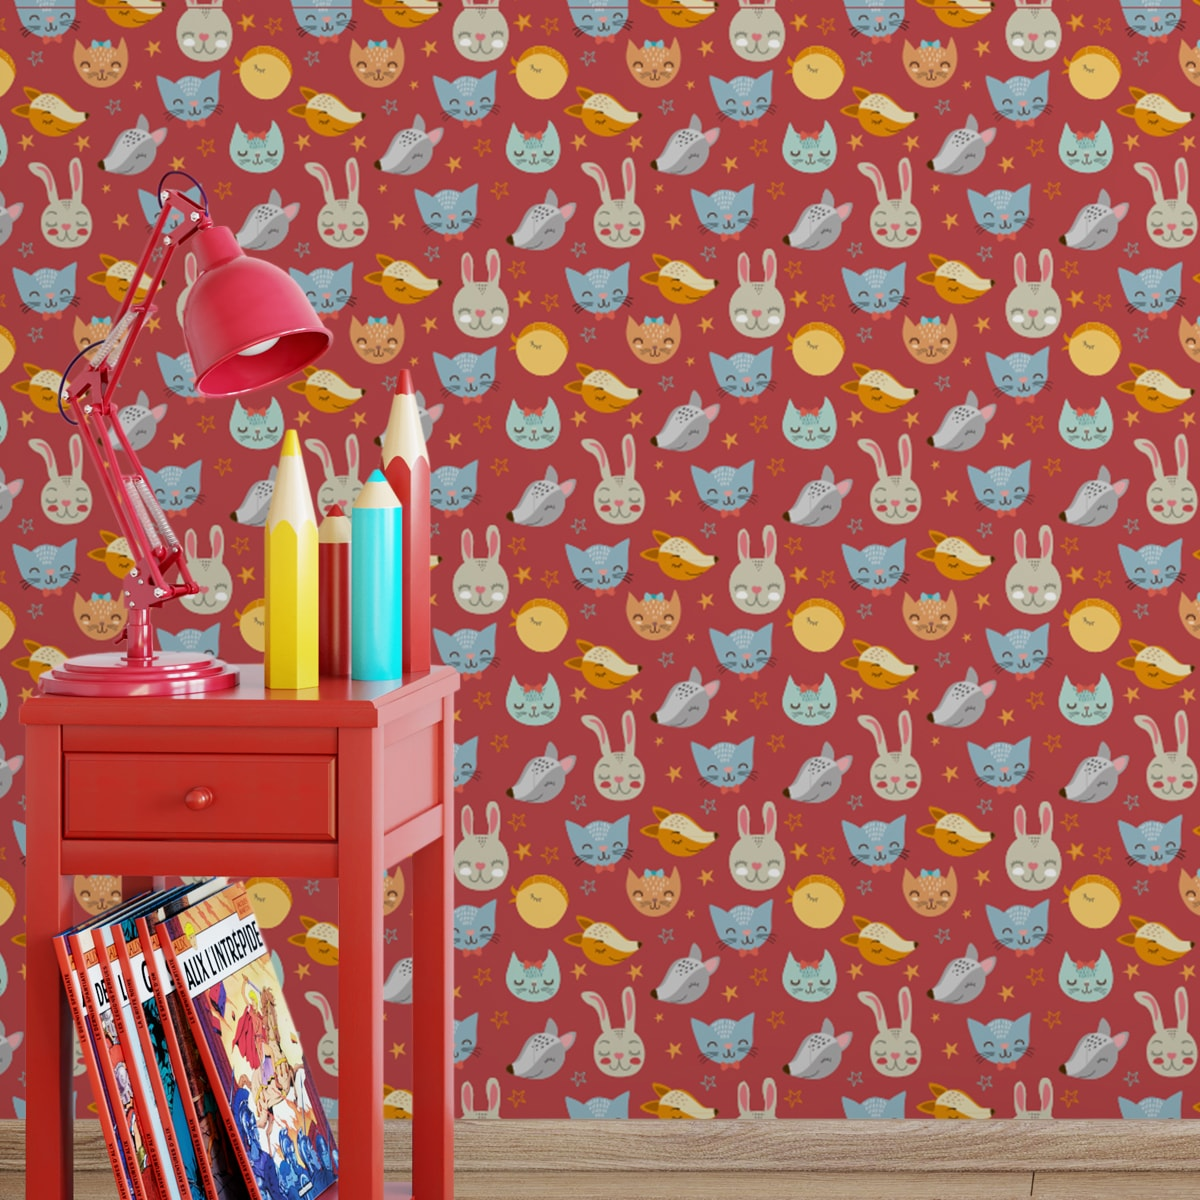 """Jugend Tapete rot: Coole Kinder Jugend Tapete """"Space Animals"""" mit Katzen, Hasen, Hunden und Sternen auf rot angepasst an Little Greene Wandfarben- Vliestapete Tiere"""